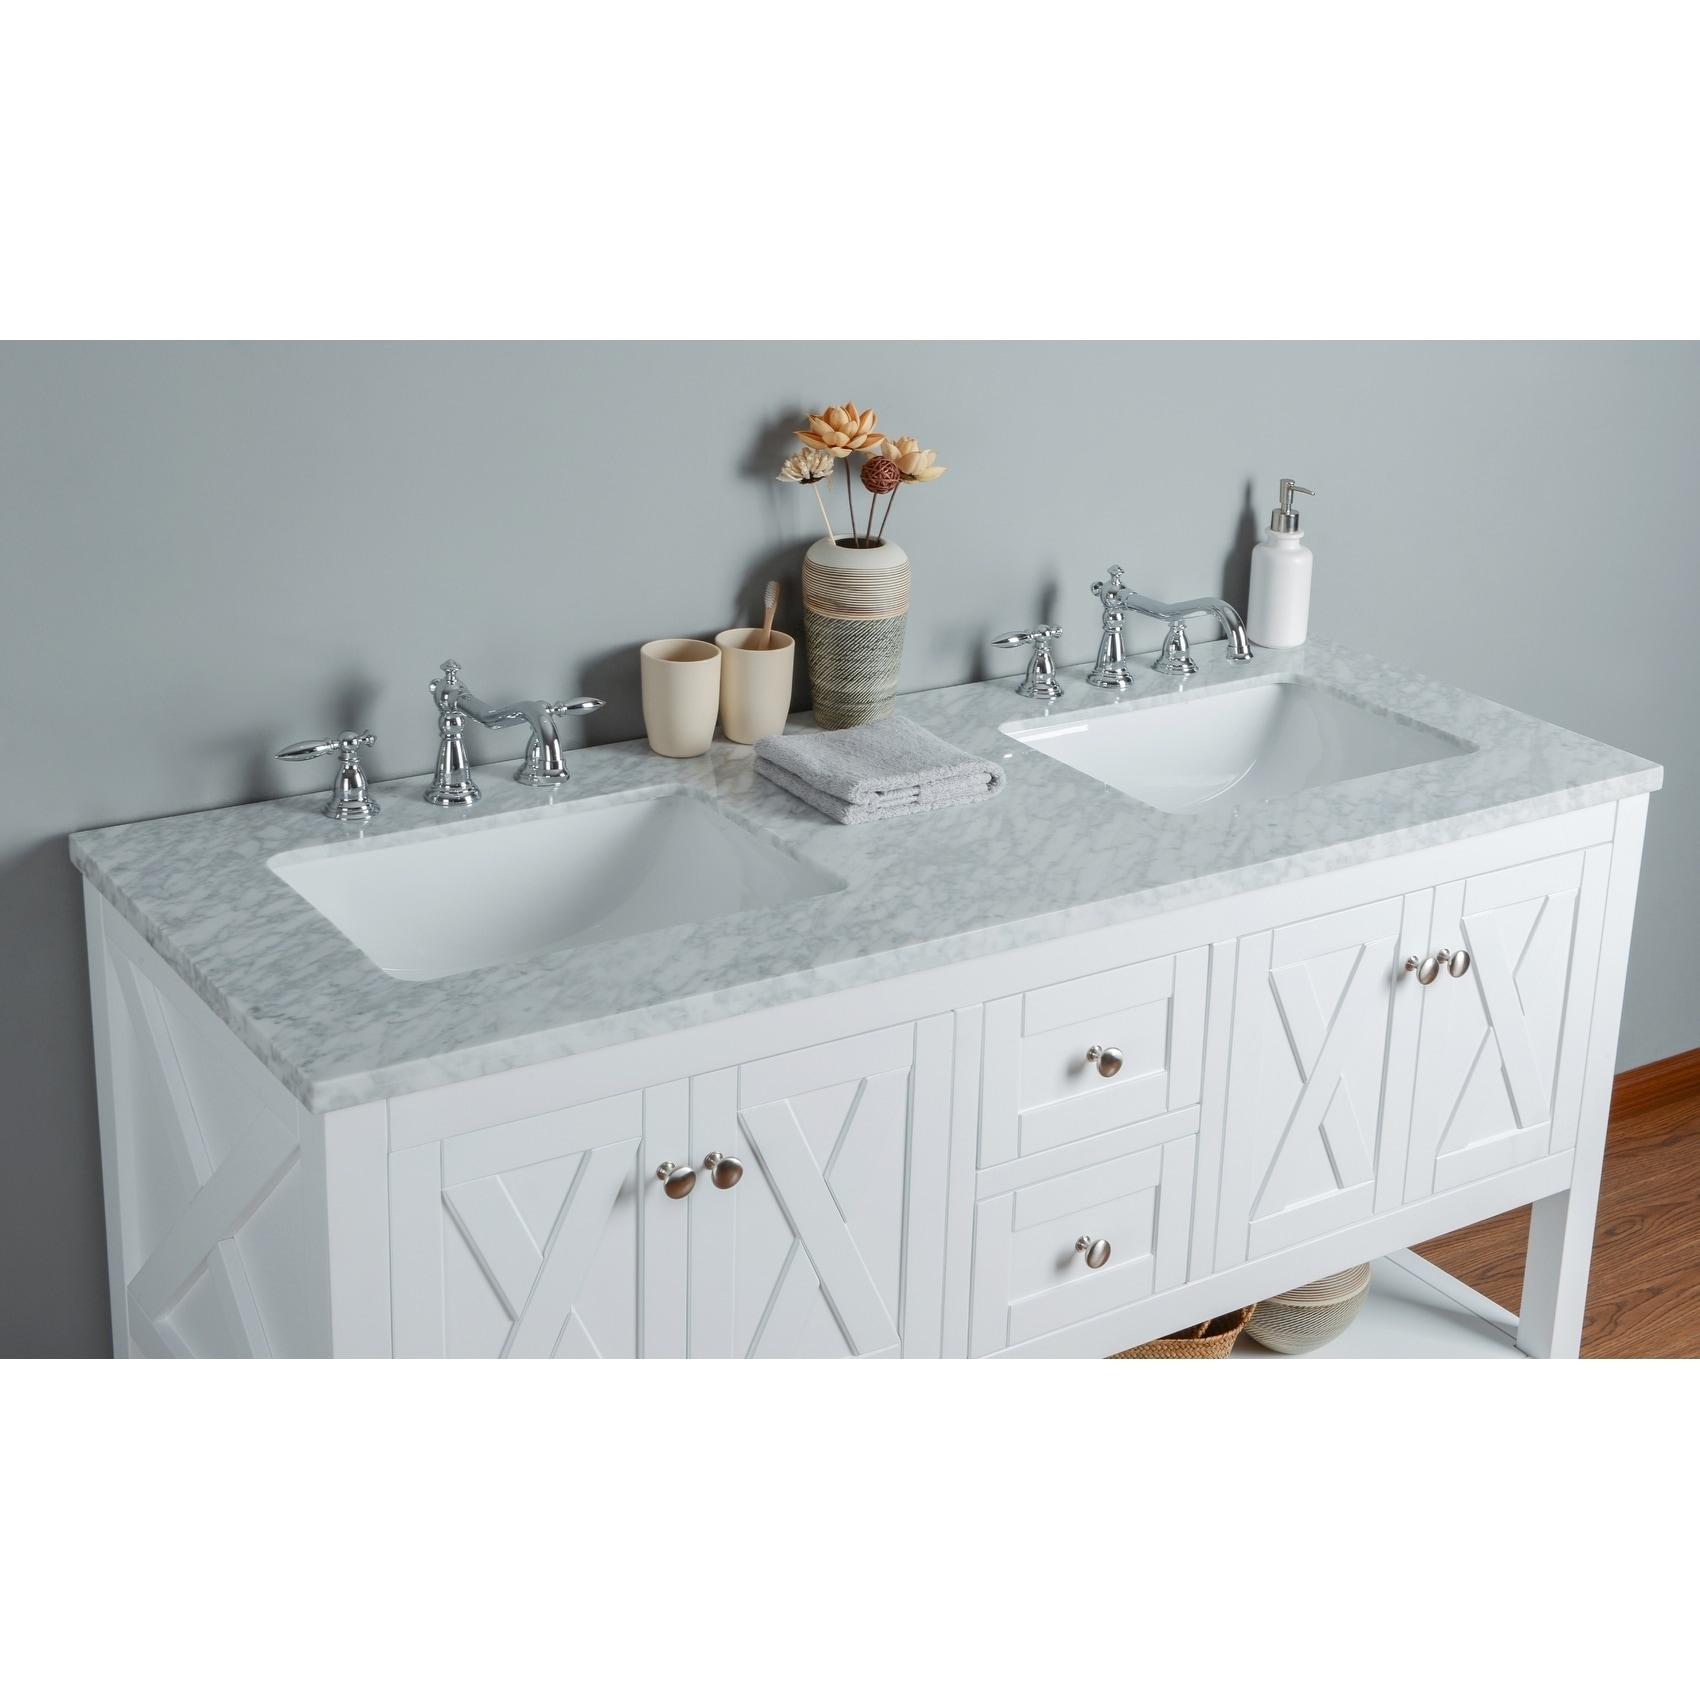 Oak Bathroom Vanities & Vanity Cabinets For Less | Overstock